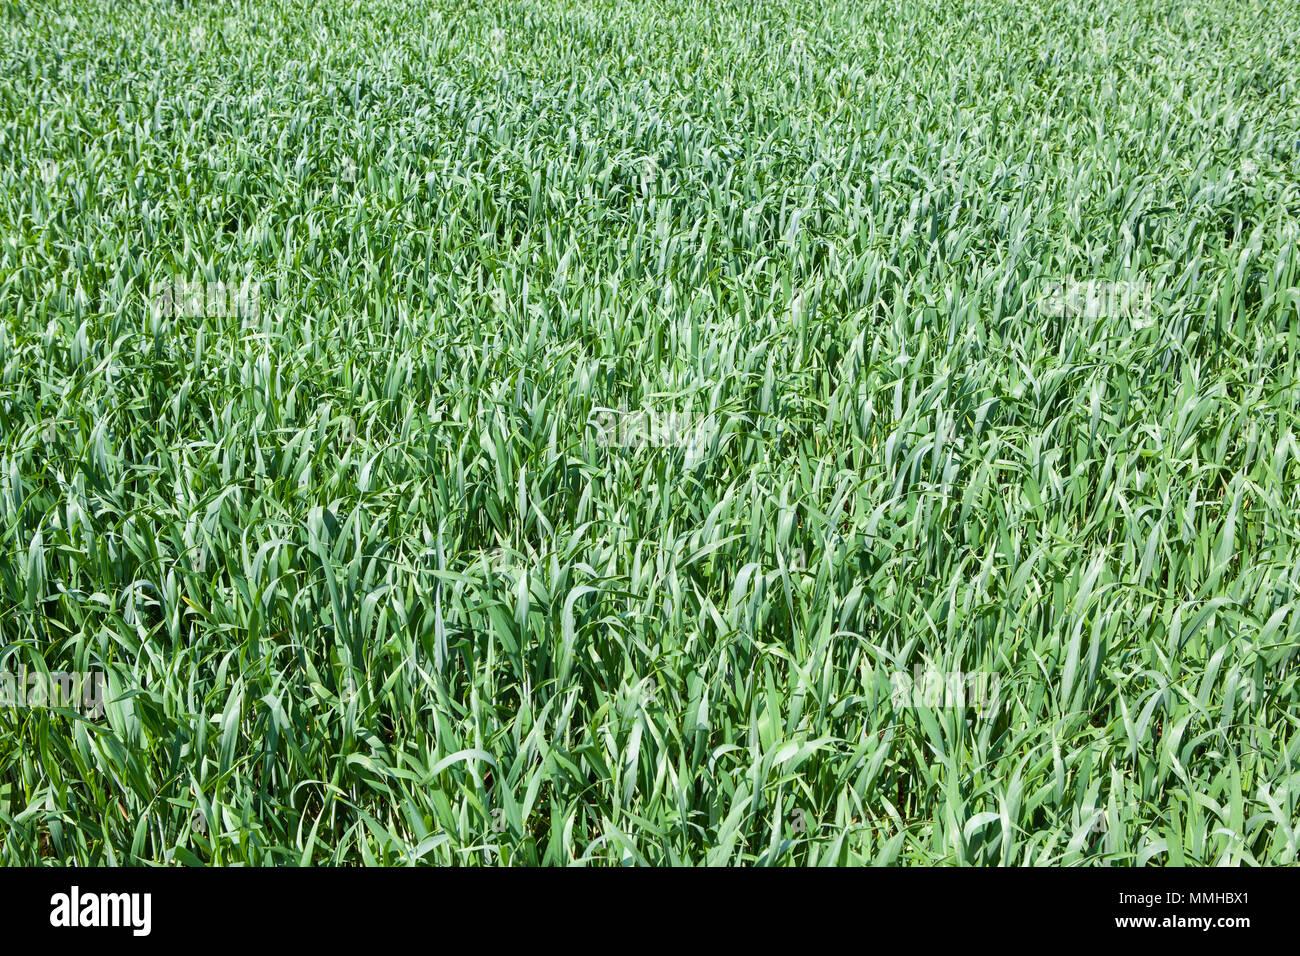 Ein grünes Feld mit jungen Weizen Pflanzen in der französischen Landschaft im Frühjahr, Vollbild Stockbild